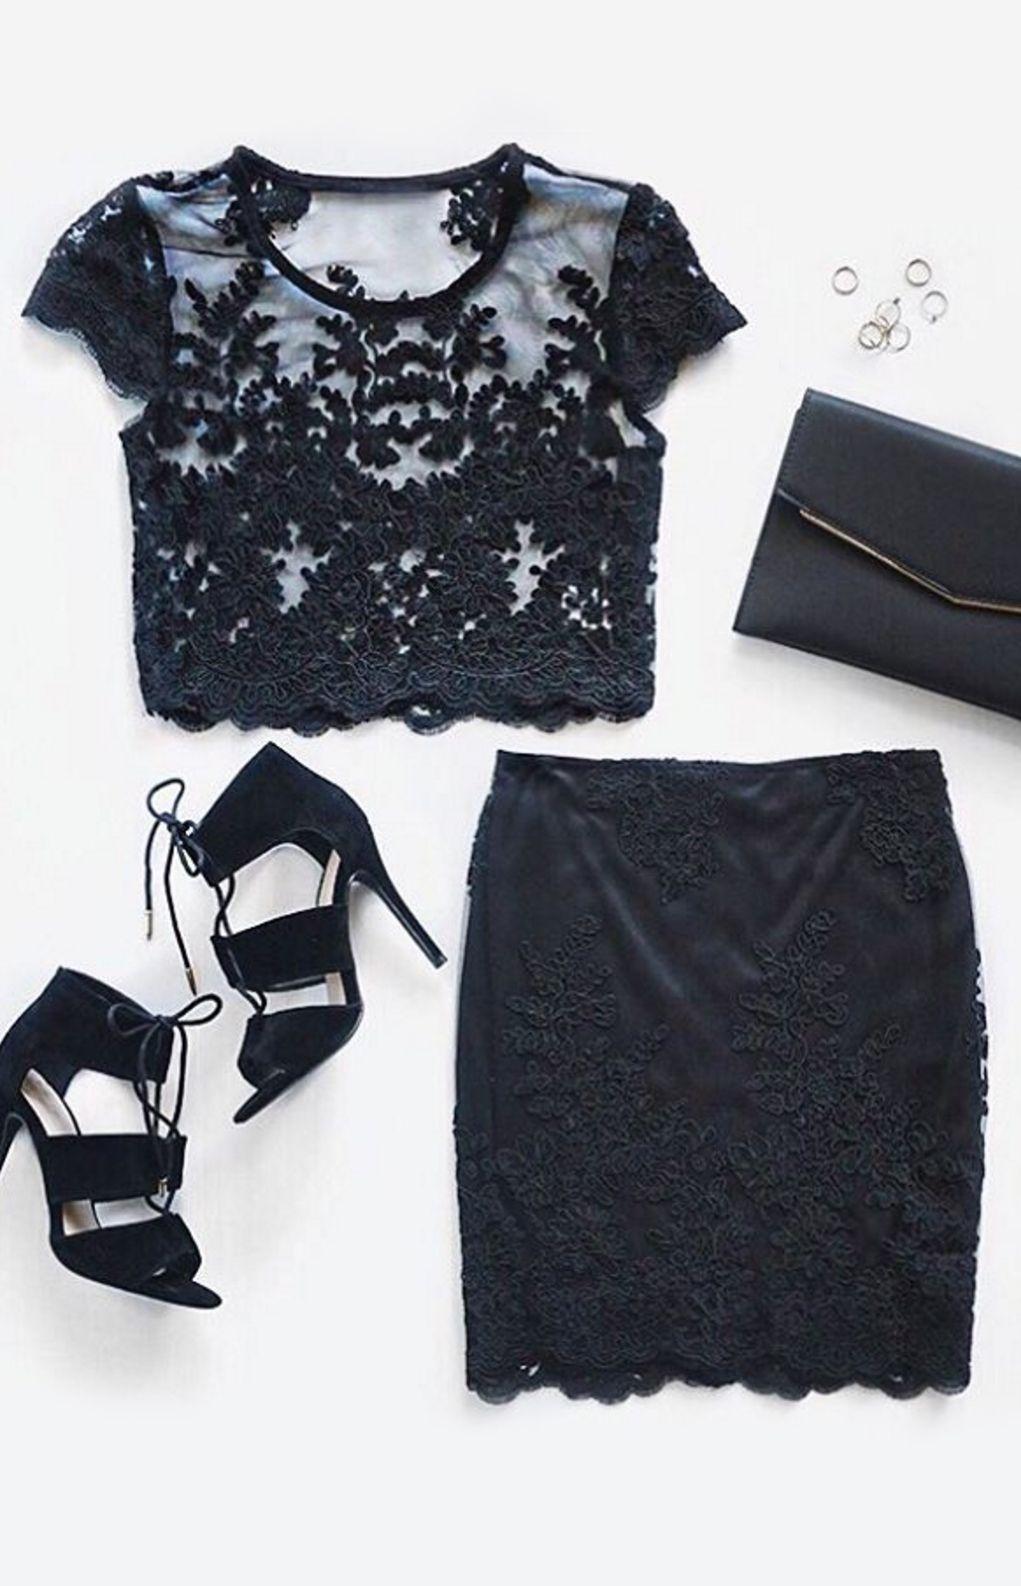 Party prerequisite black lace twopiece dress clothes black laces